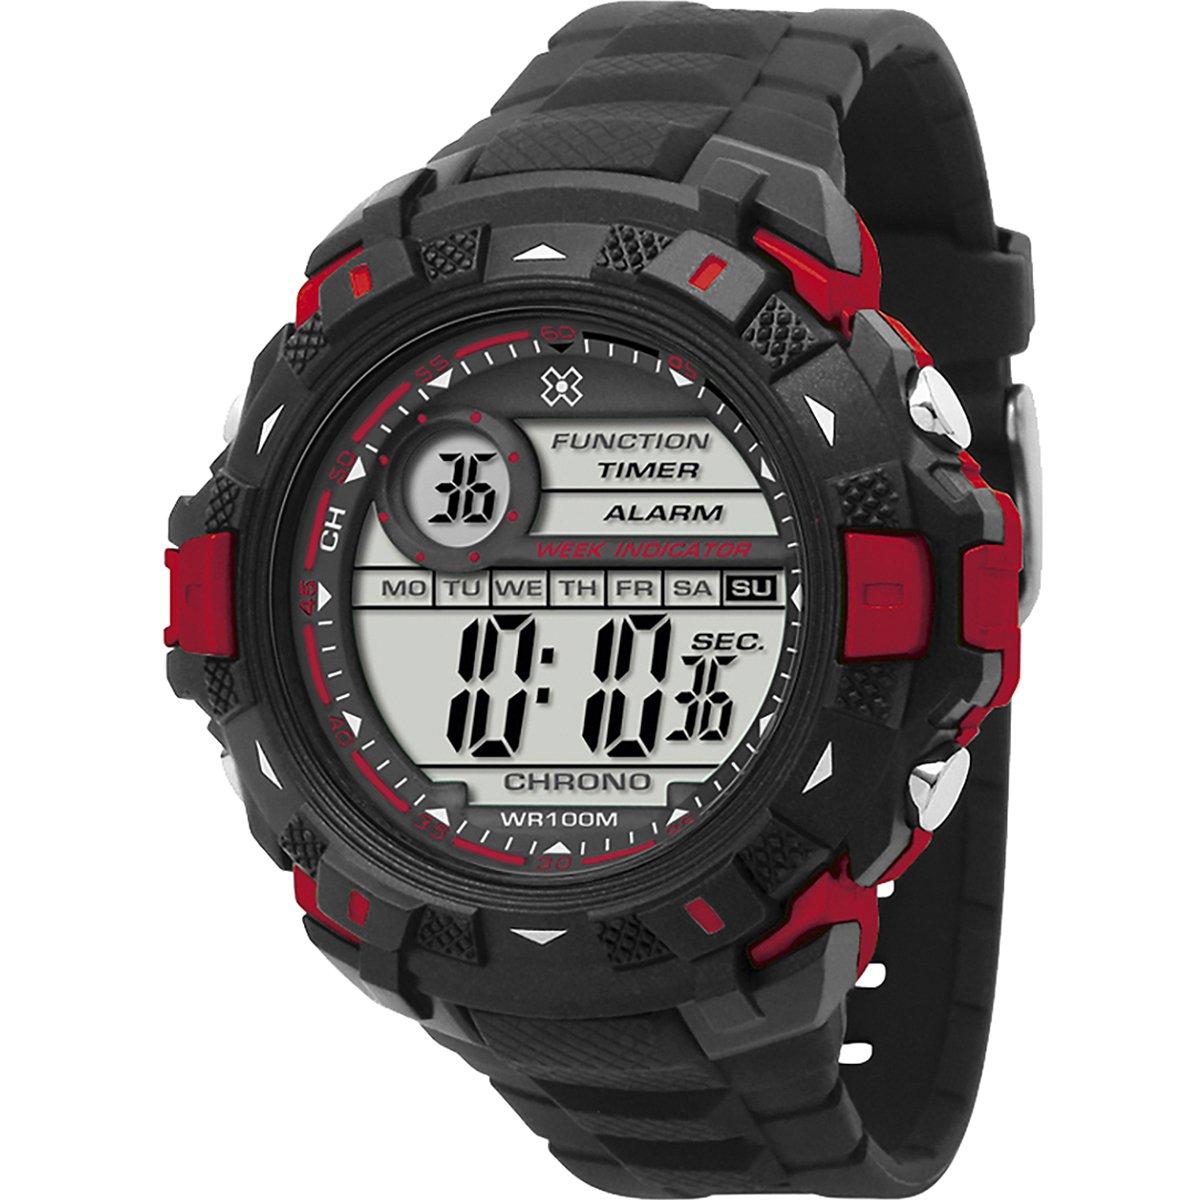 ff2465cc96d Relógio Esportivo X-Games XMPPD336-BXPX - Compre Agora